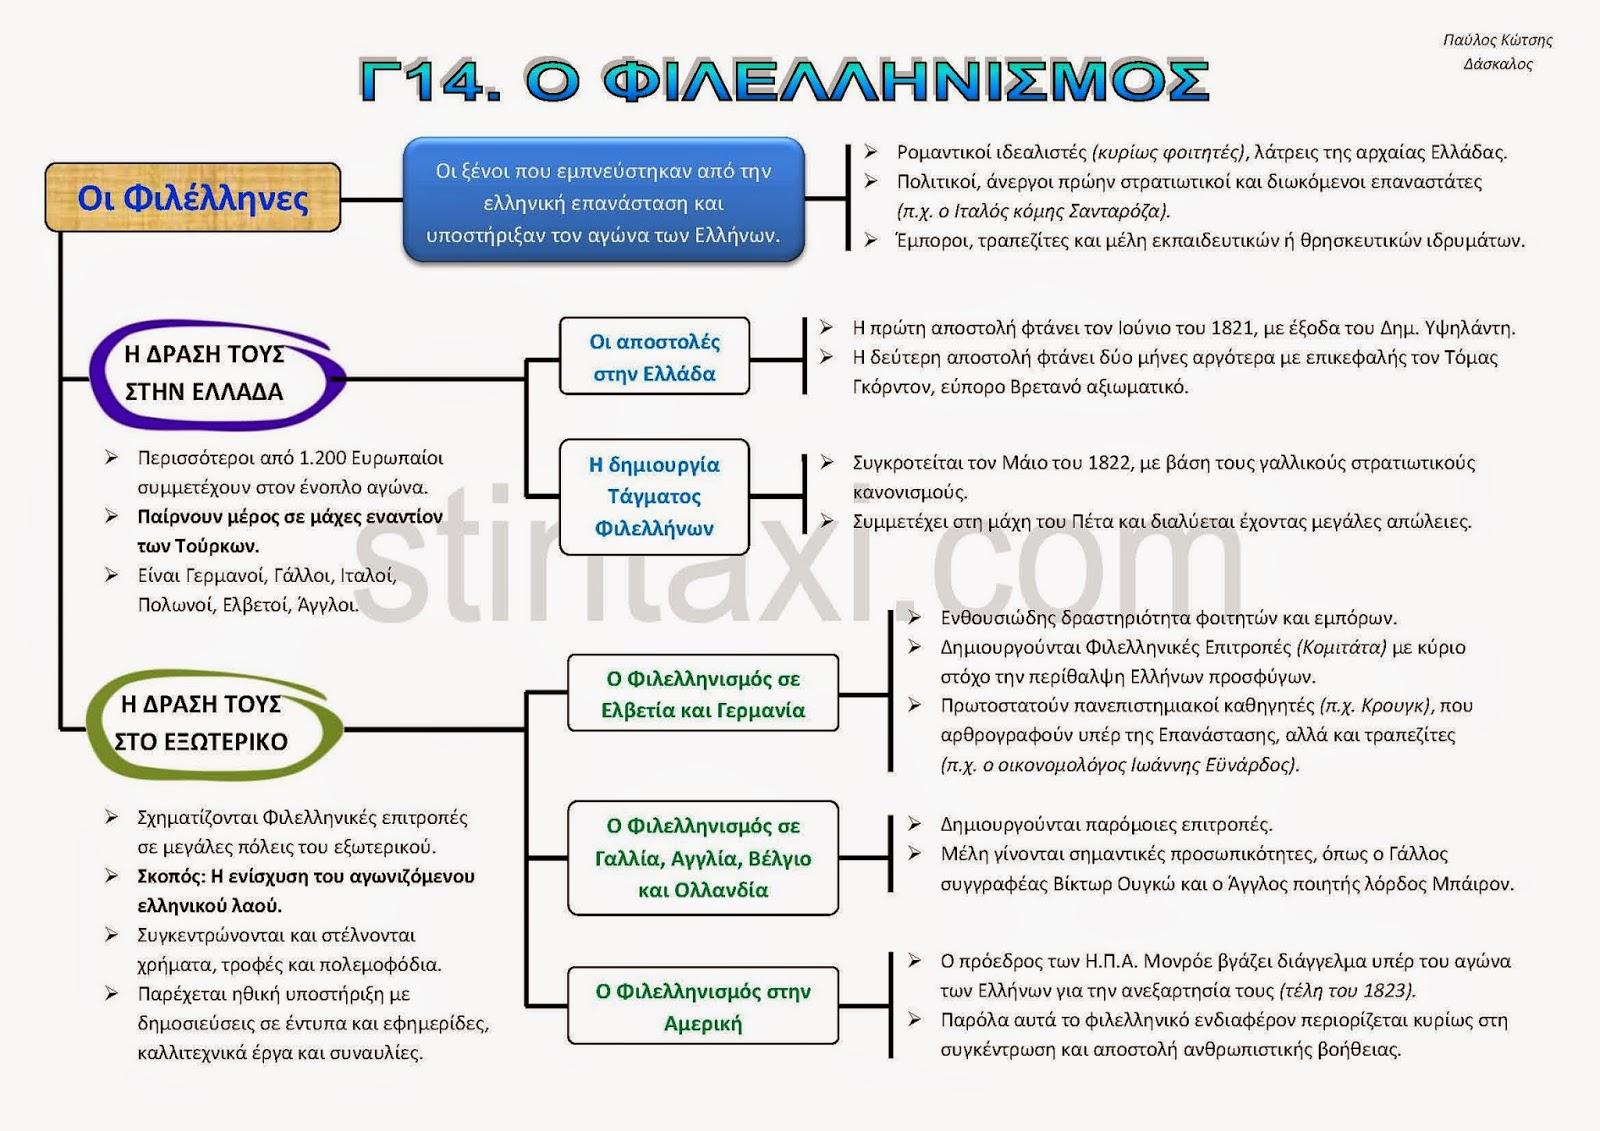 http://www.stintaxi.com/uploads/1/3/1/0/13100858/c14-filellinismos-v2.1.pdf